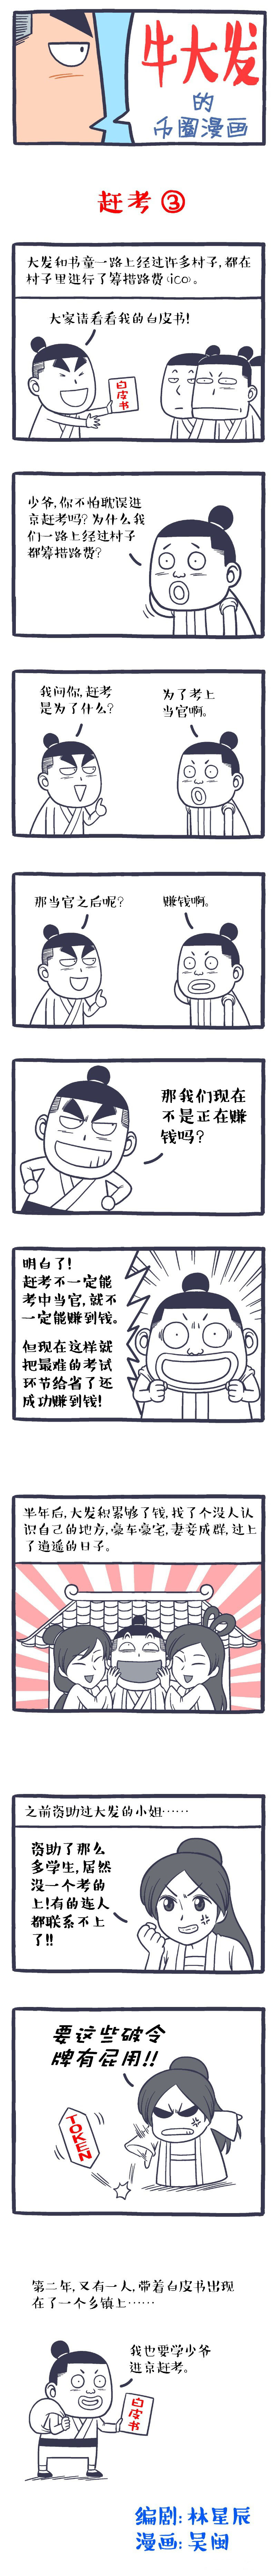 【币圈系列故事】赶考3:圈钱,投资要注意安全